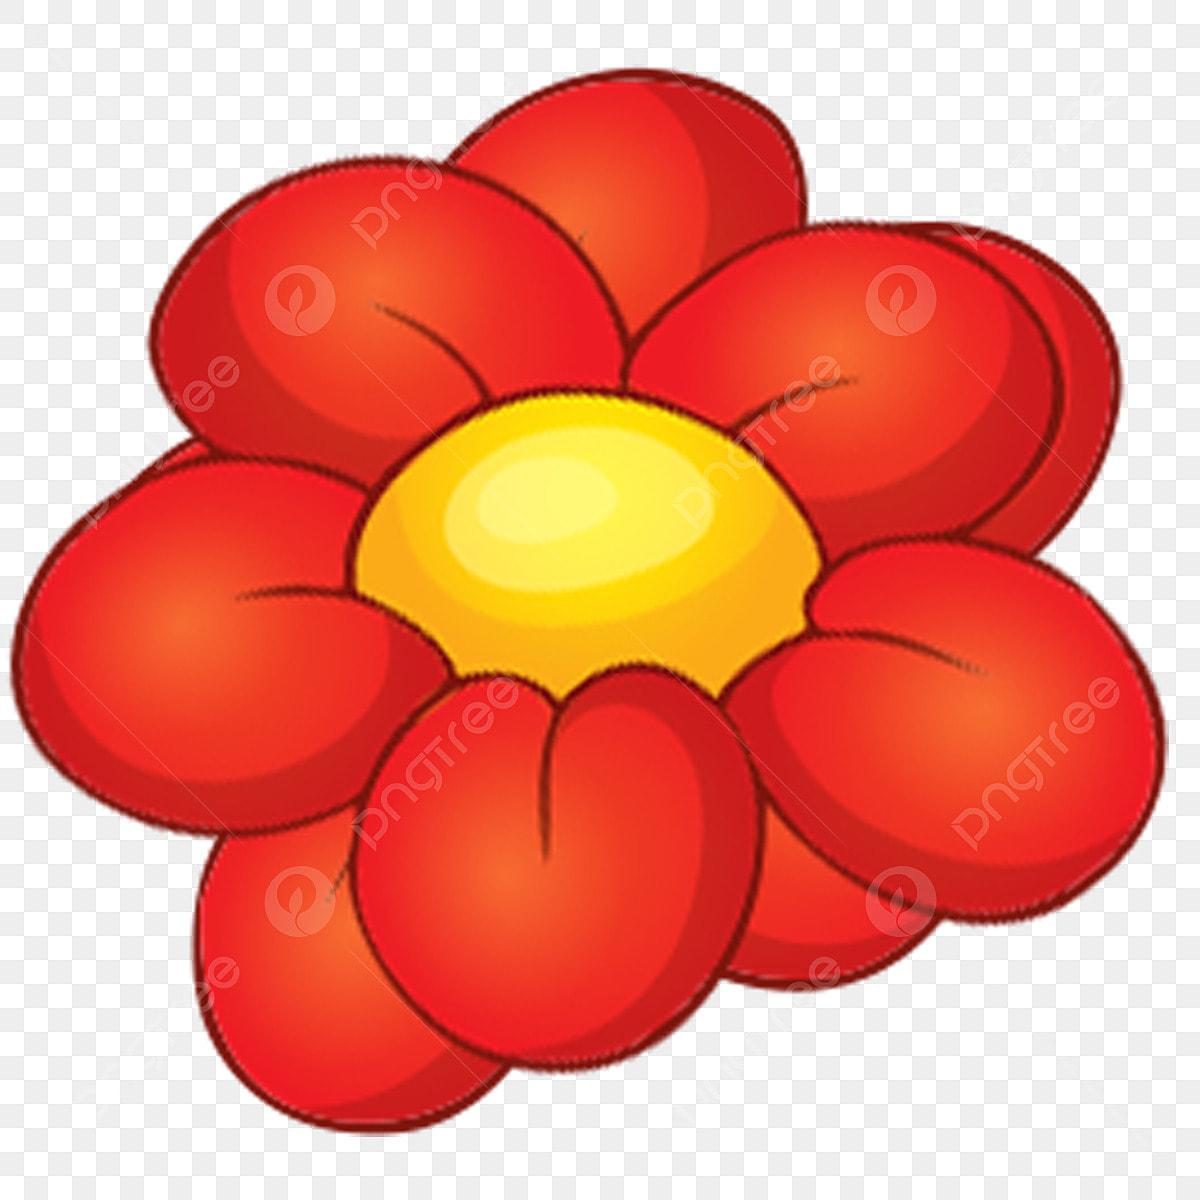 Dessin Anime Fleur Illustration De Boucle Libre De Fleurs Rouges